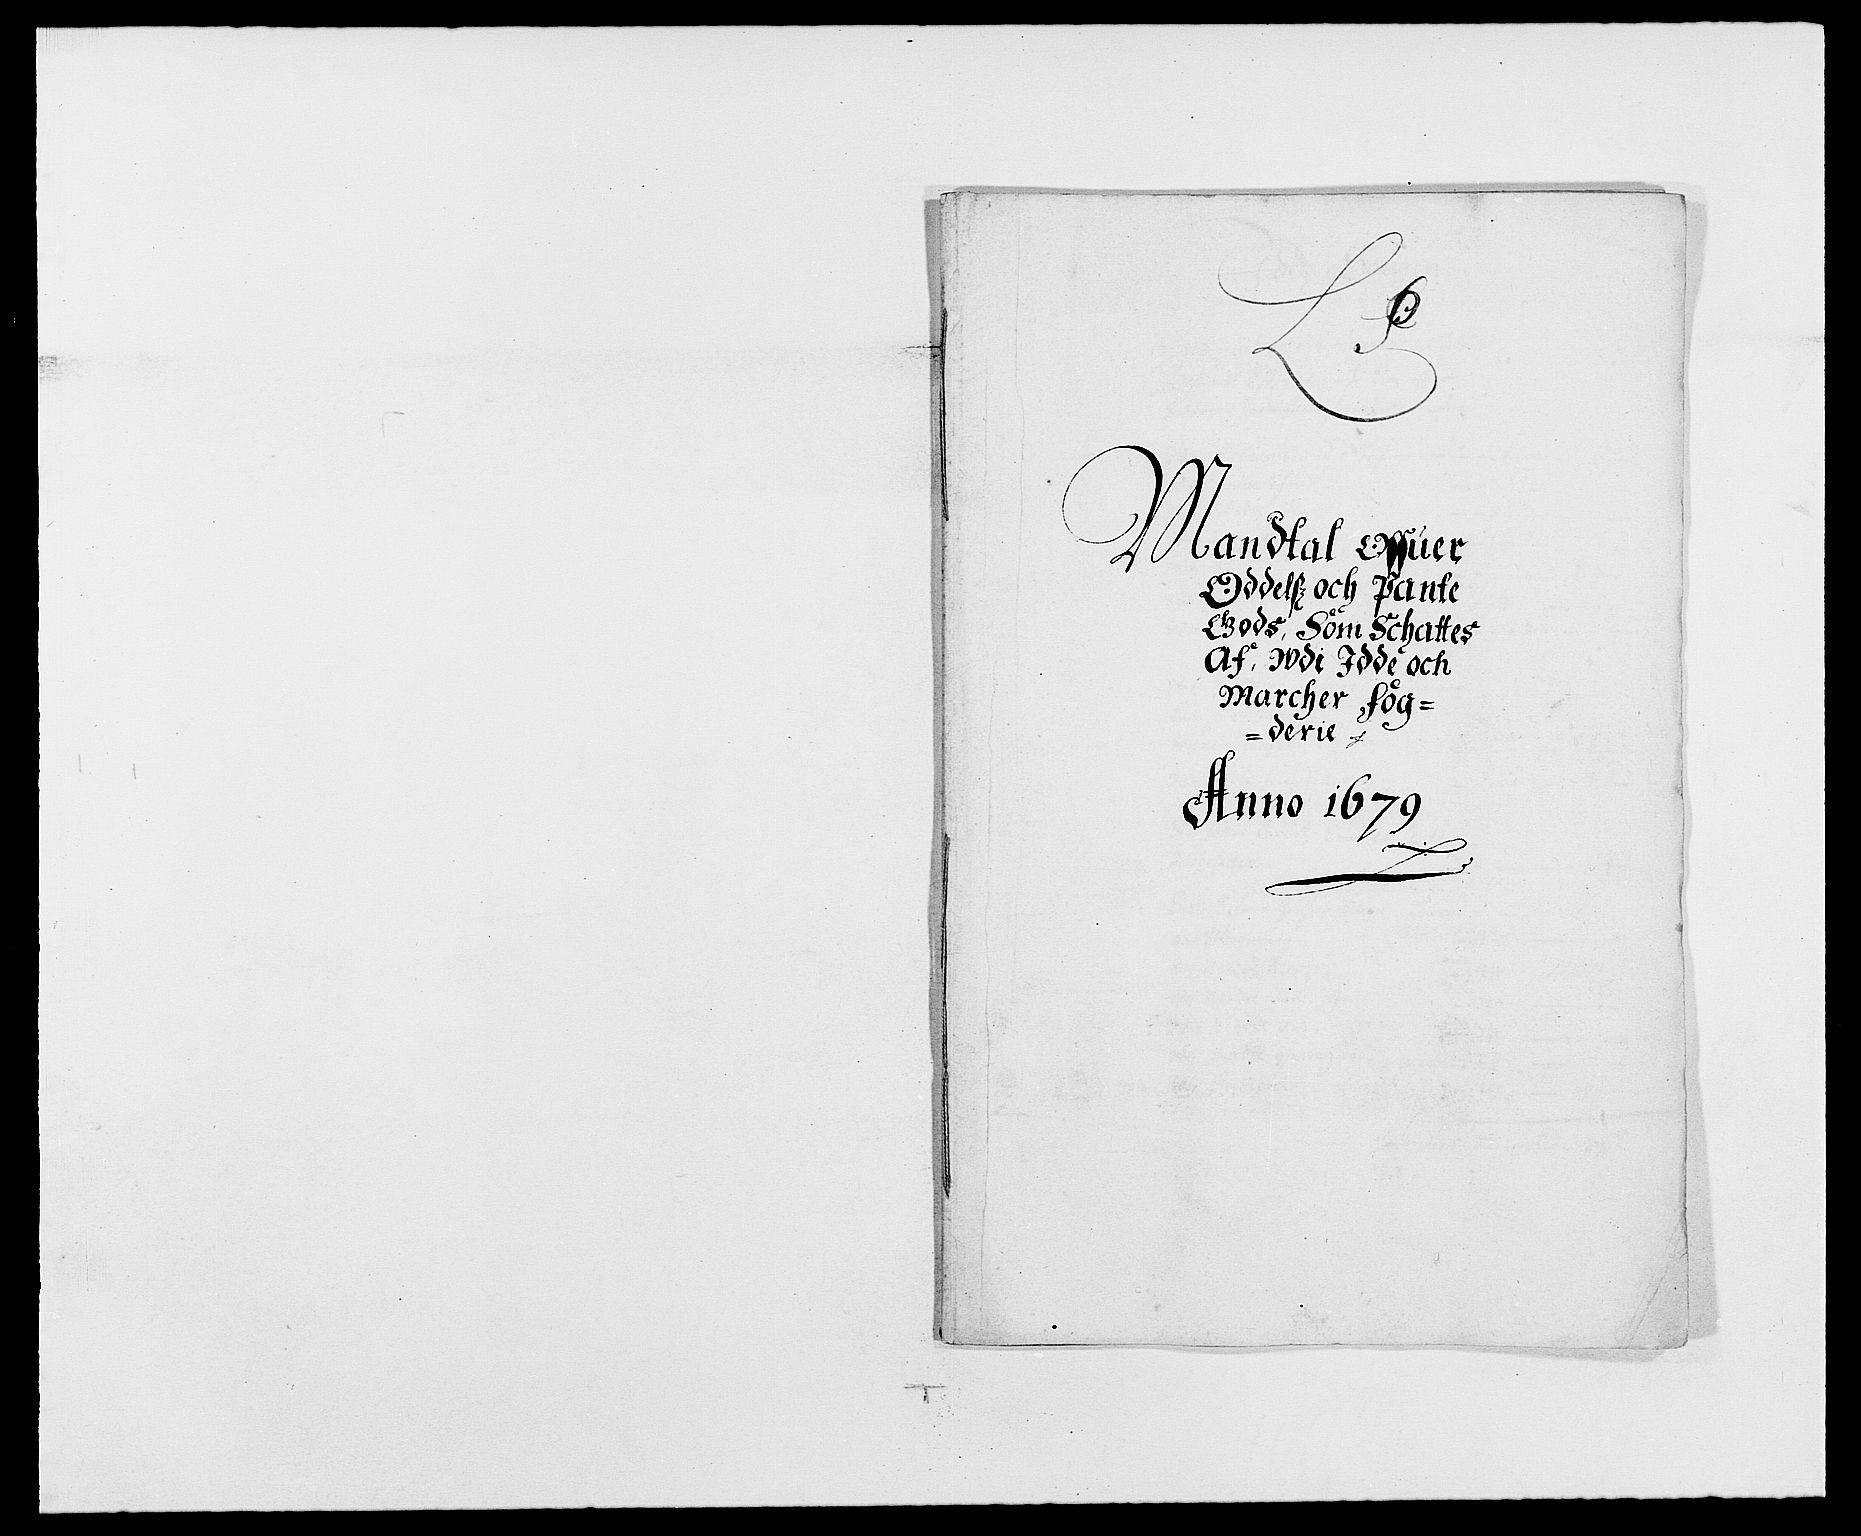 RA, Rentekammeret inntil 1814, Reviderte regnskaper, Fogderegnskap, R01/L0001: Fogderegnskap Idd og Marker, 1678-1679, s. 385